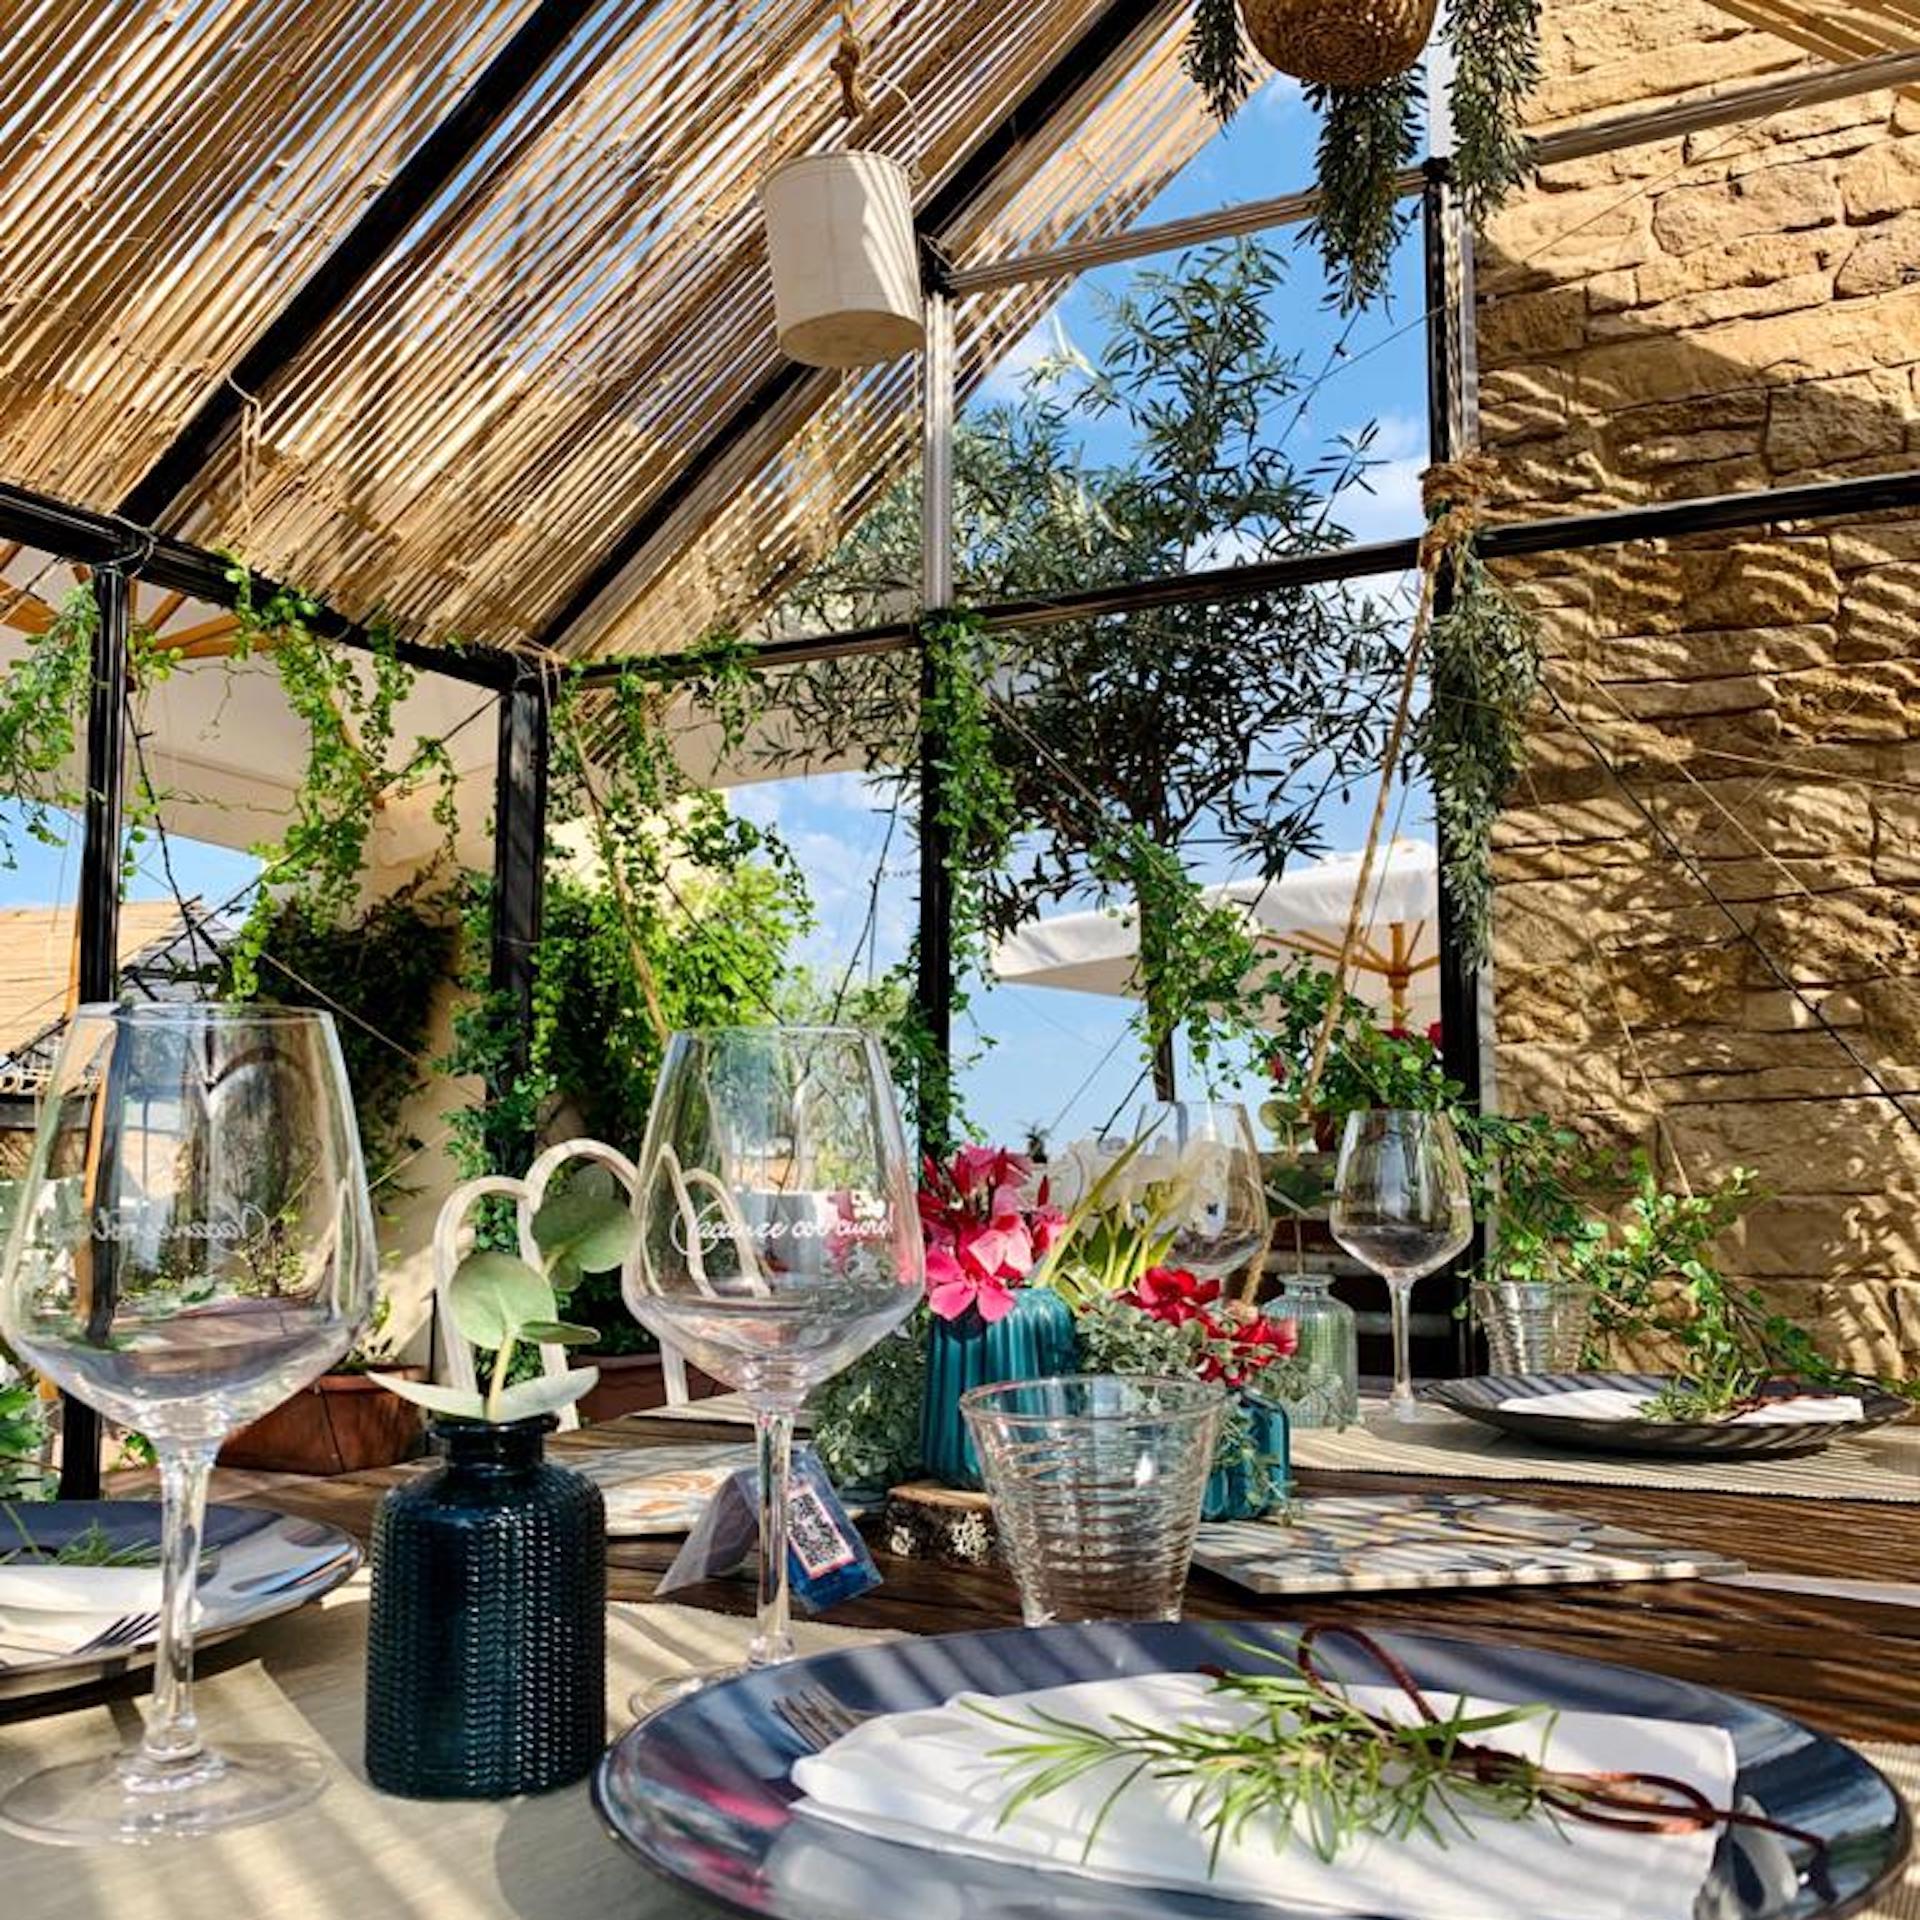 Roof Garden | Het nieuwe dakterras van ons restaurant is omgetoverd tot een prachtige tuin.